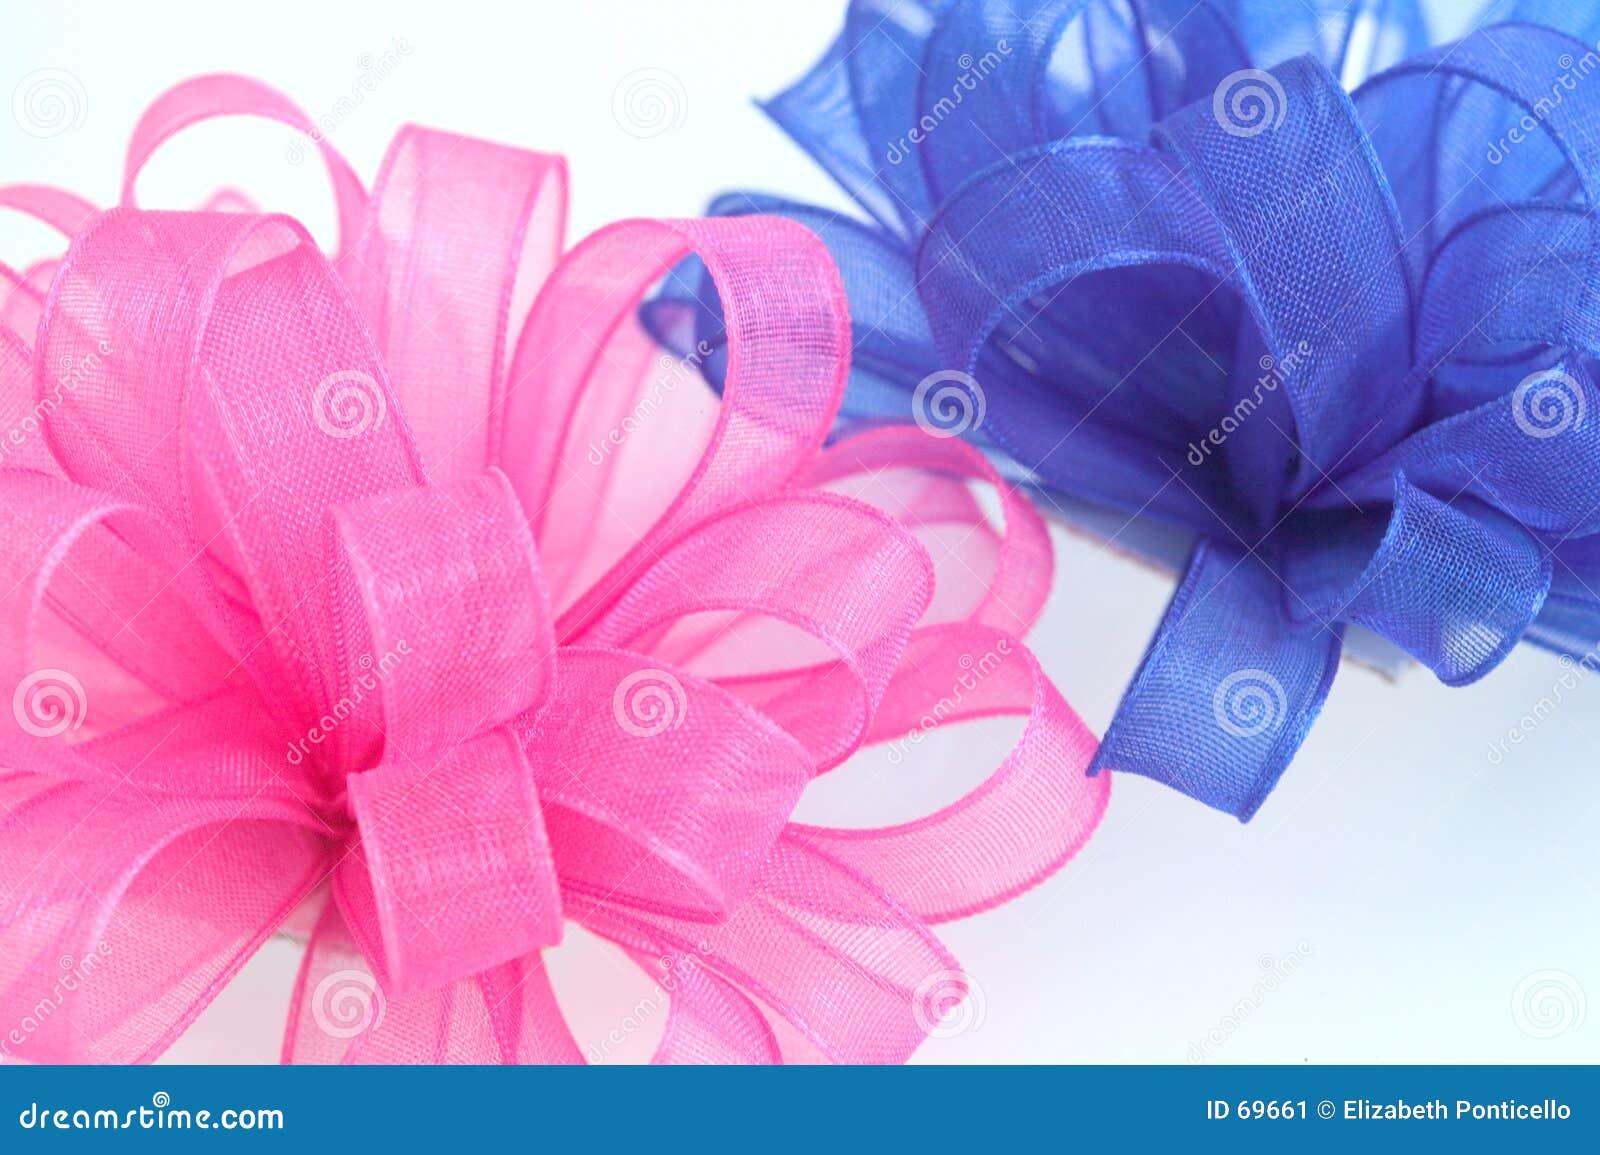 το μπλε υποκύπτει το ροζ